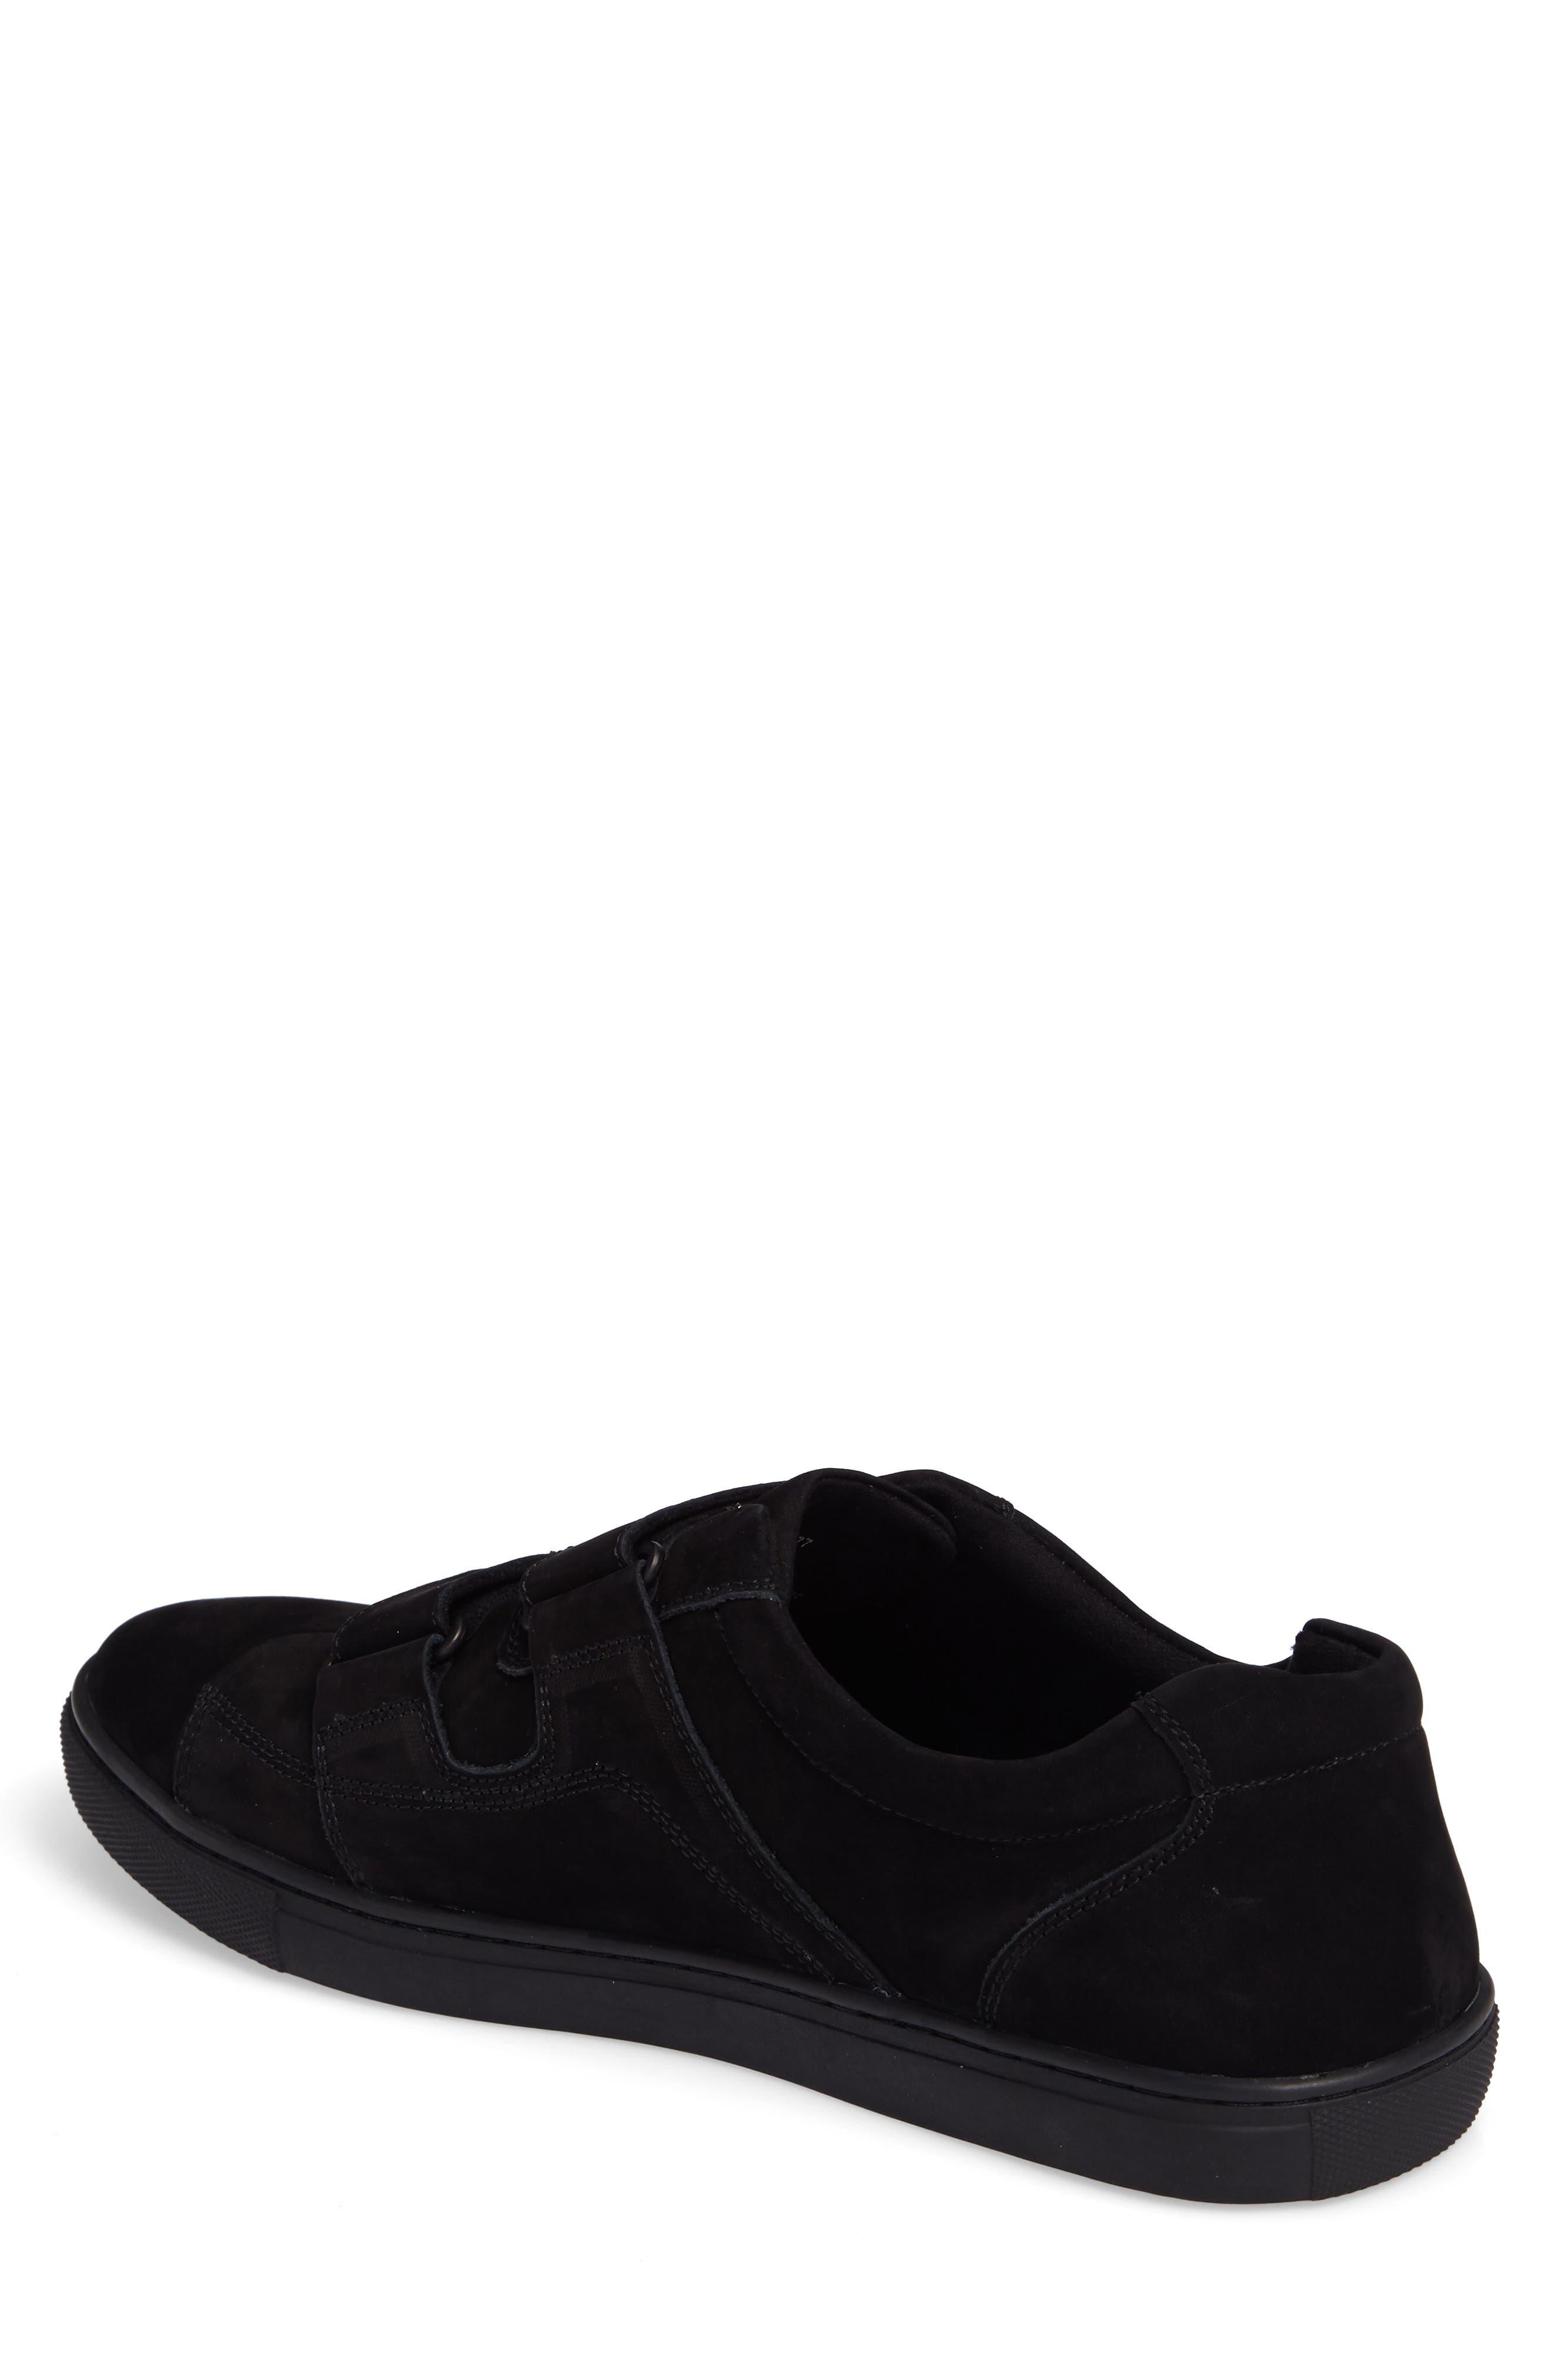 Low Top Sneaker,                             Alternate thumbnail 2, color,                             001